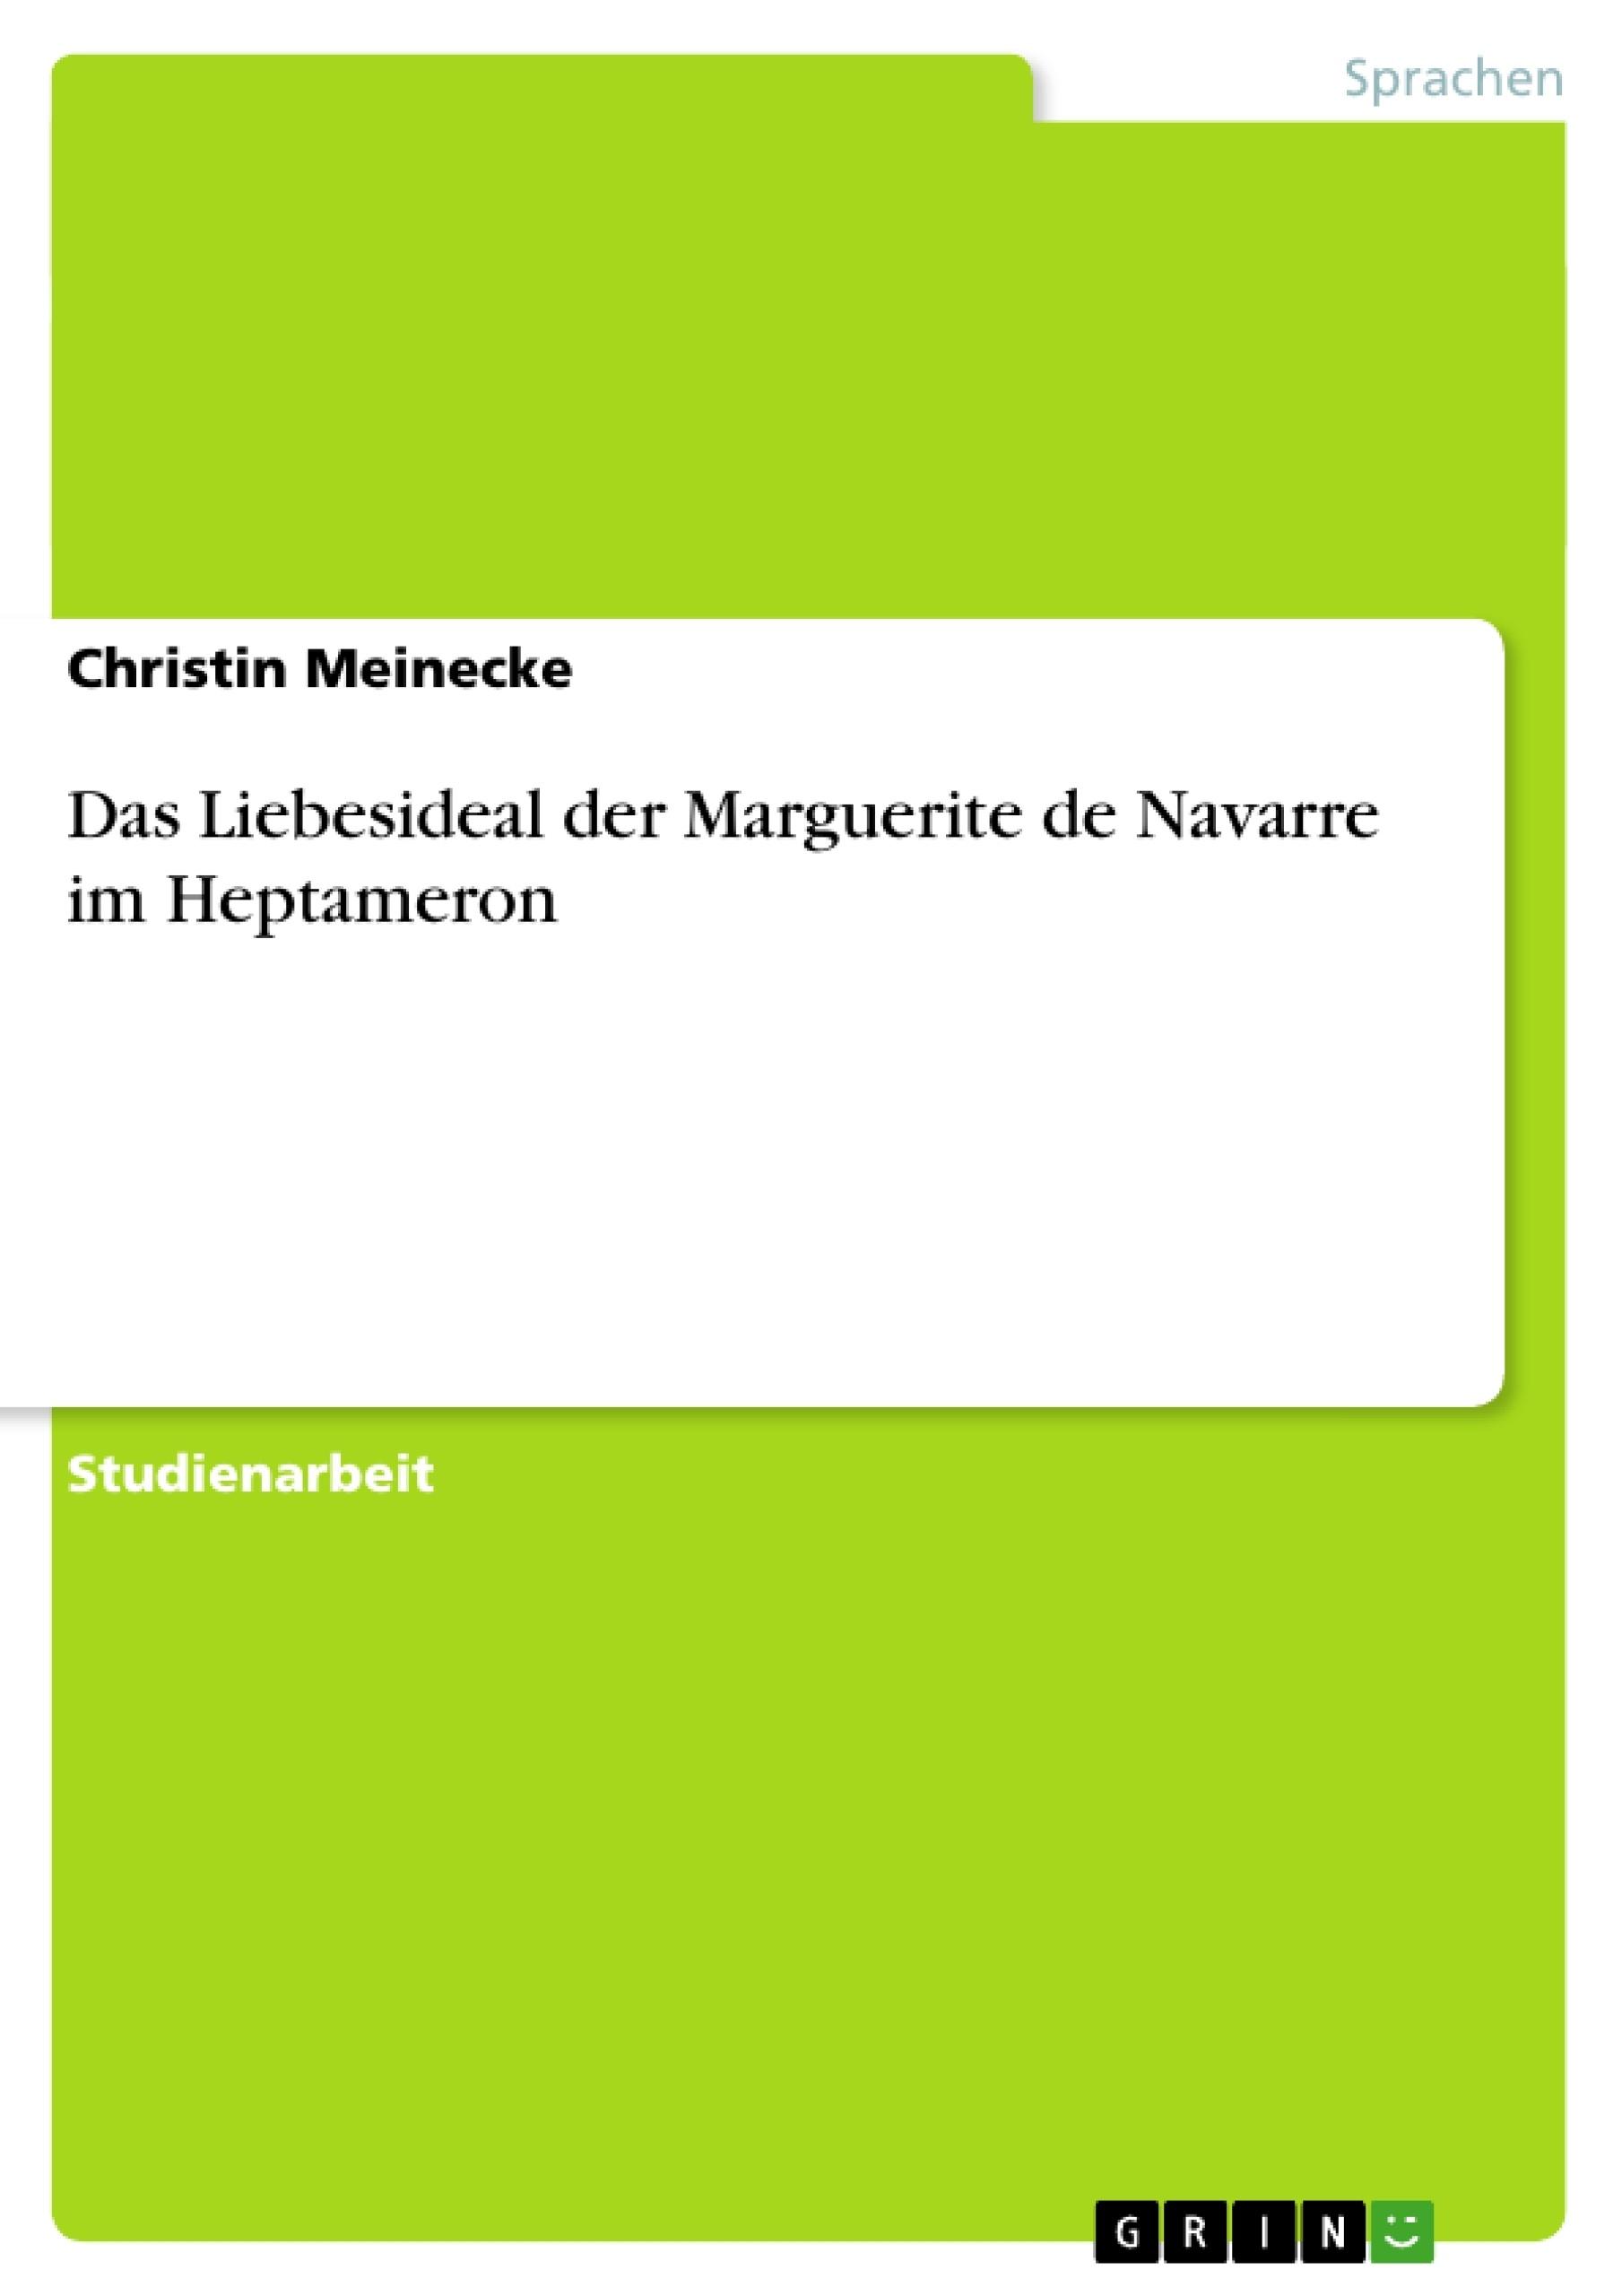 Titel: Das Liebesideal der Marguerite de Navarre im Heptameron